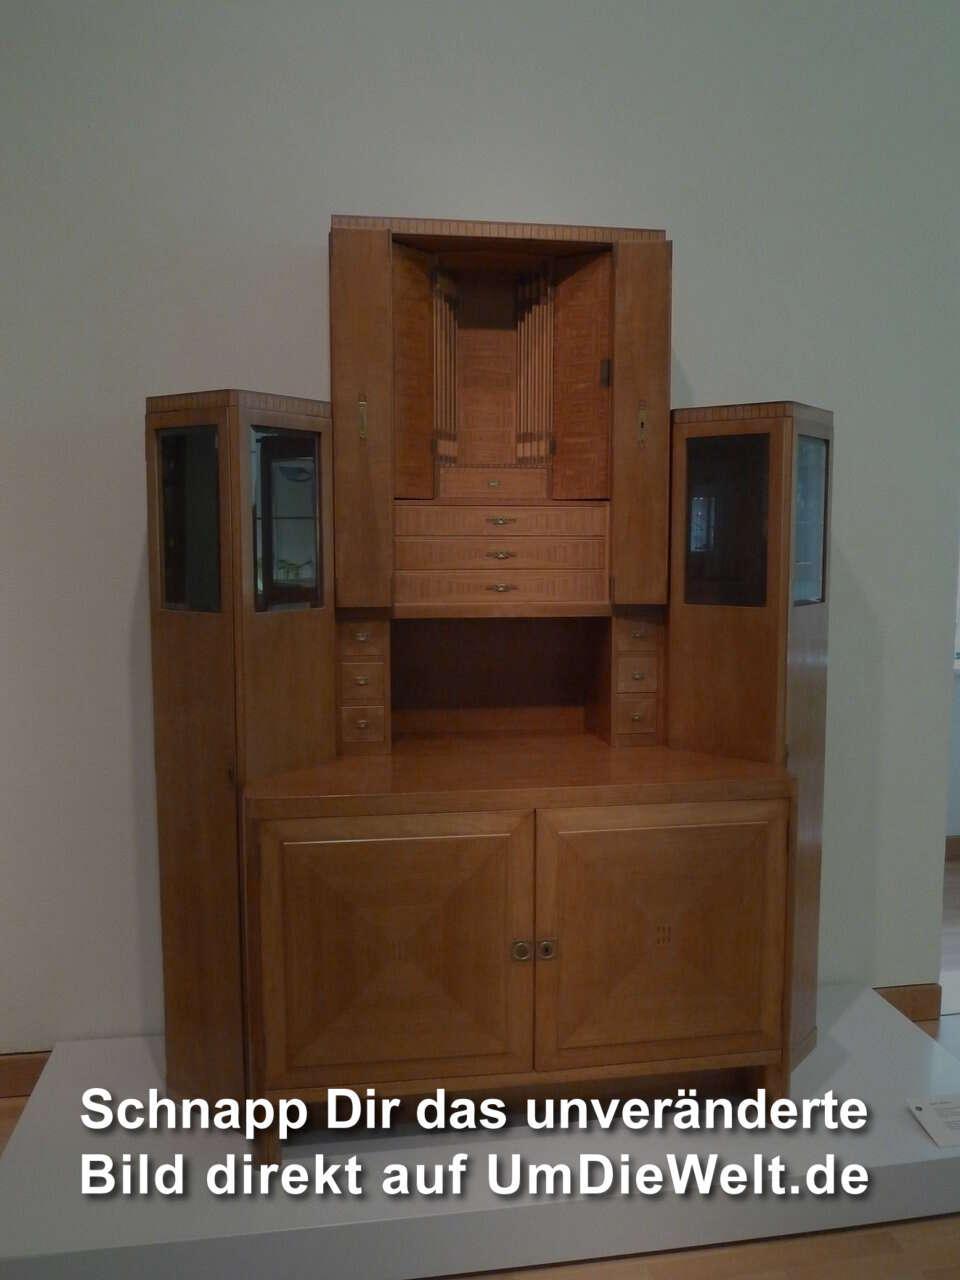 deutschland reisebericht permanentausstellung k nstlerkolonie. Black Bedroom Furniture Sets. Home Design Ideas